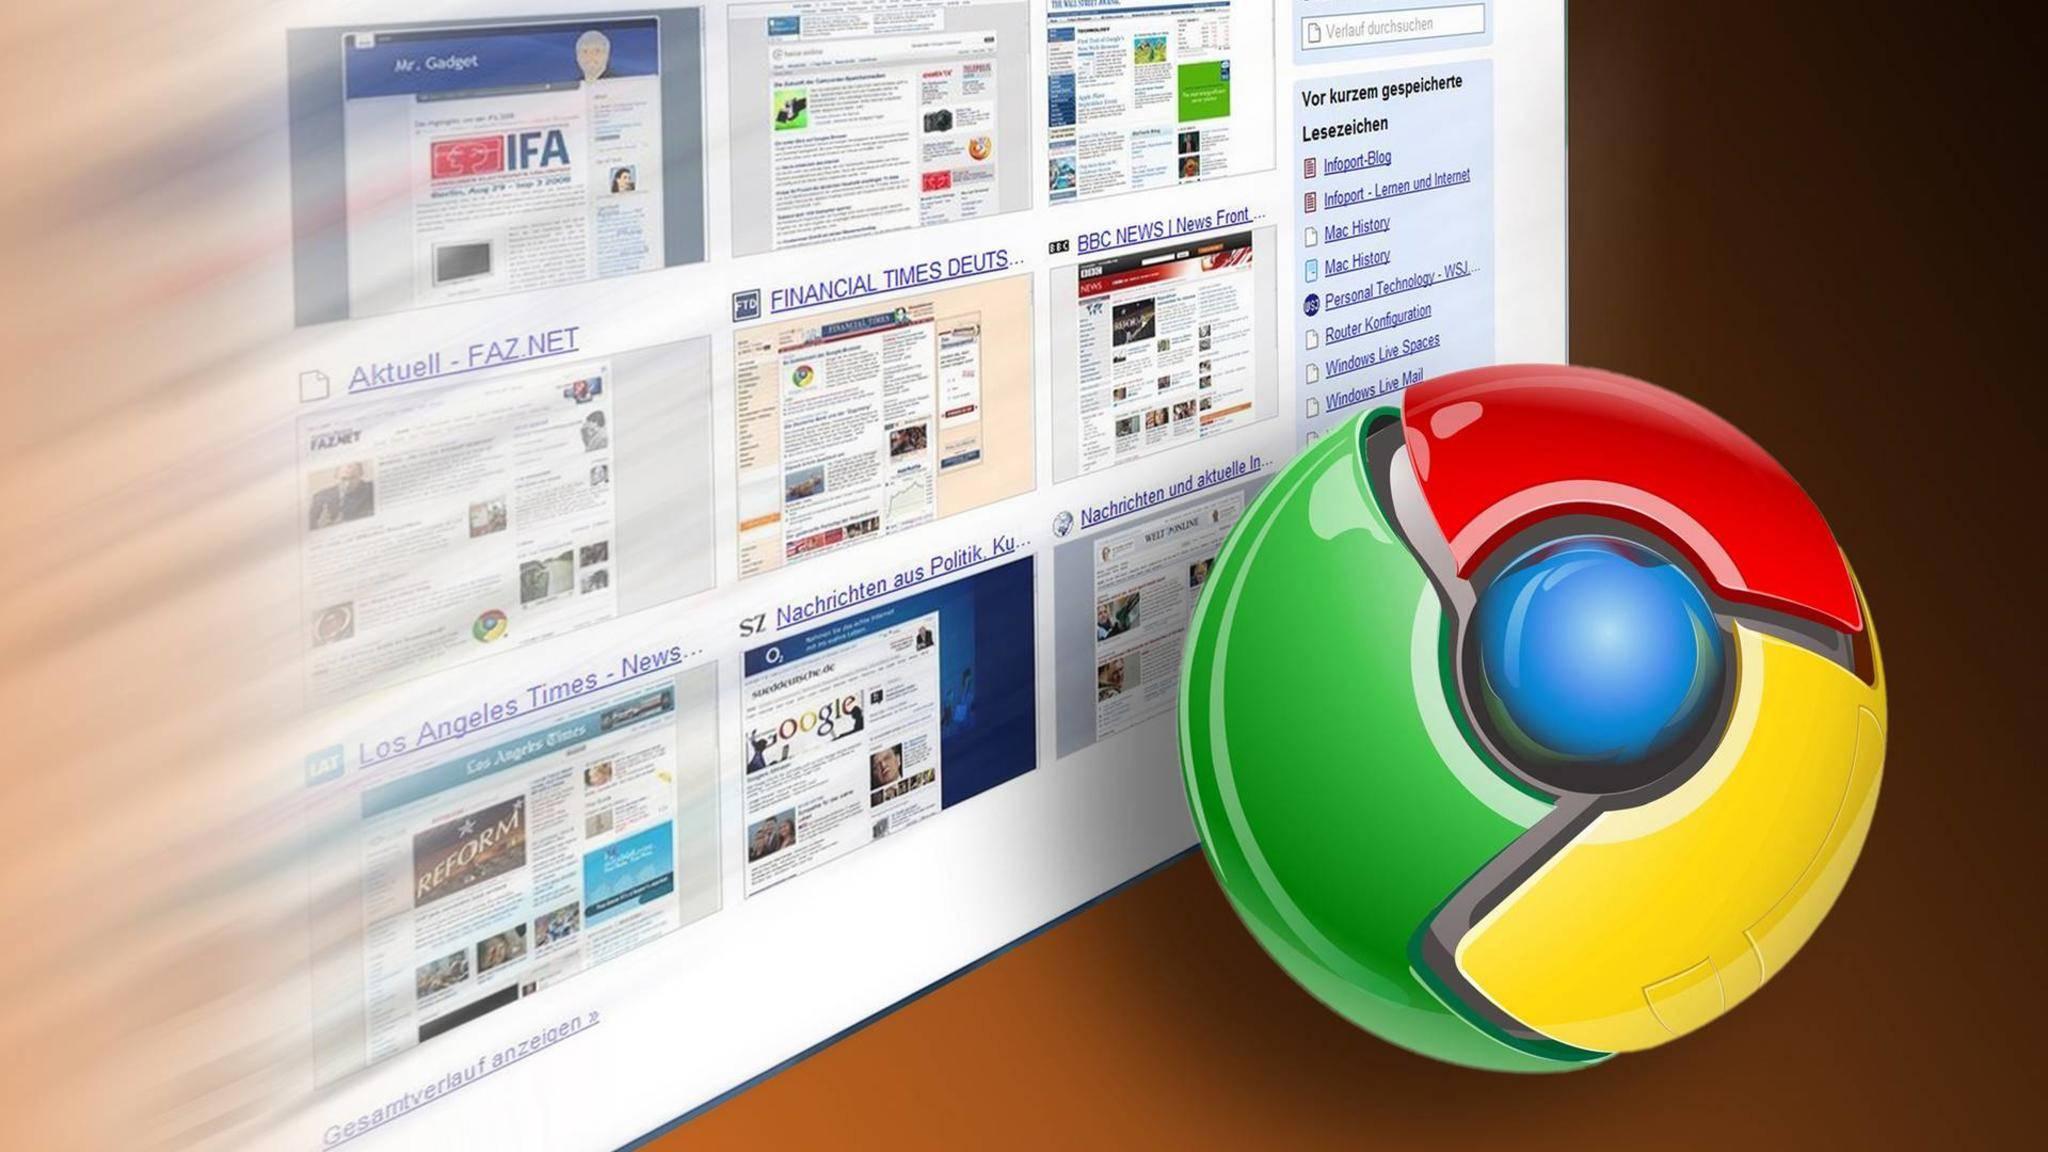 Der Adobe Acrobat Reader DC installiert ungefragt eine Chrome-Erweiterung.